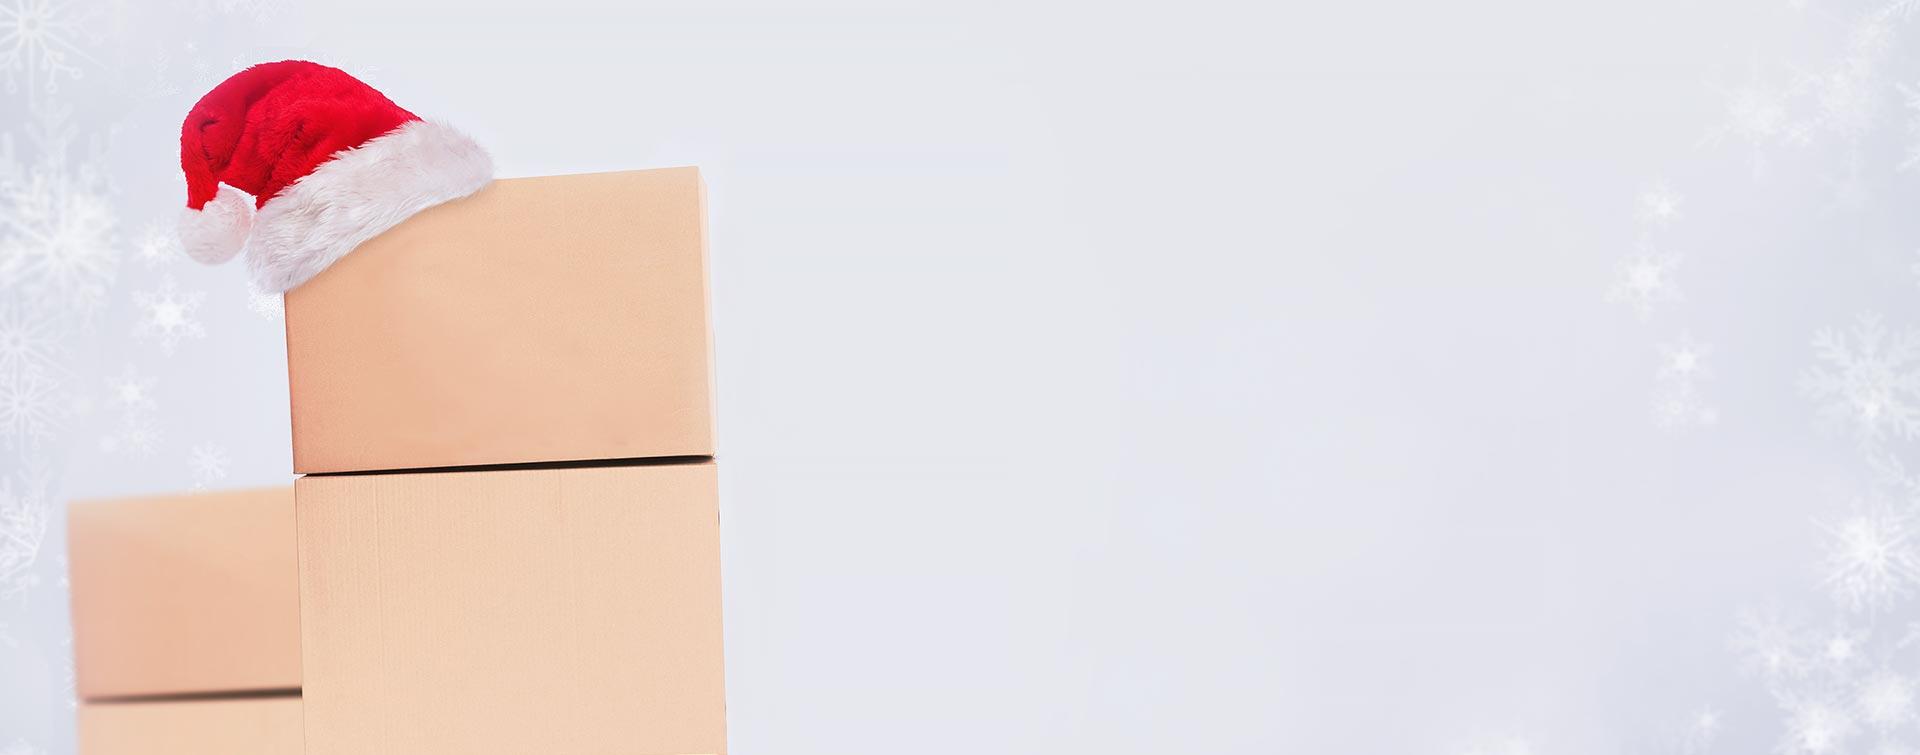 Jak poradziły sobie firmy kurierskie w sezonie świątecznym 2017? Raport